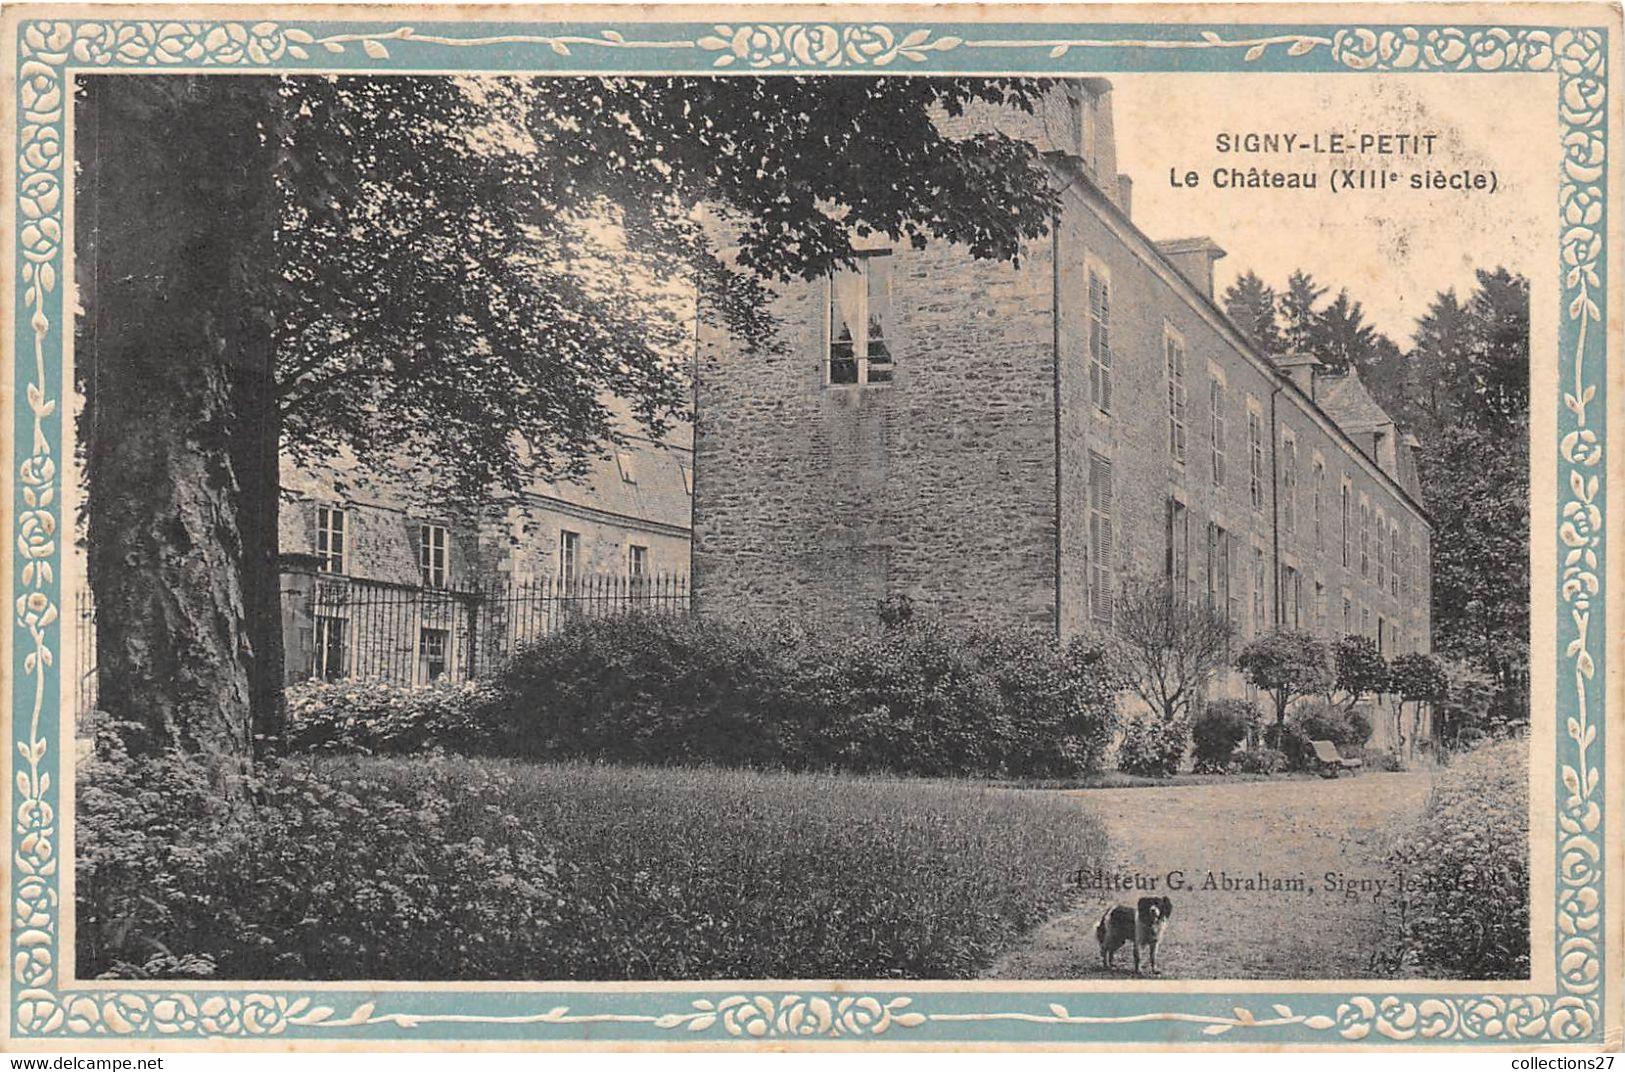 CHATEAUX- LOT DE 500 CARTES POSTALES-CHATEAUX DE FRANCE -  QUELQUES EXEMPLES - 500 Postcards Min.